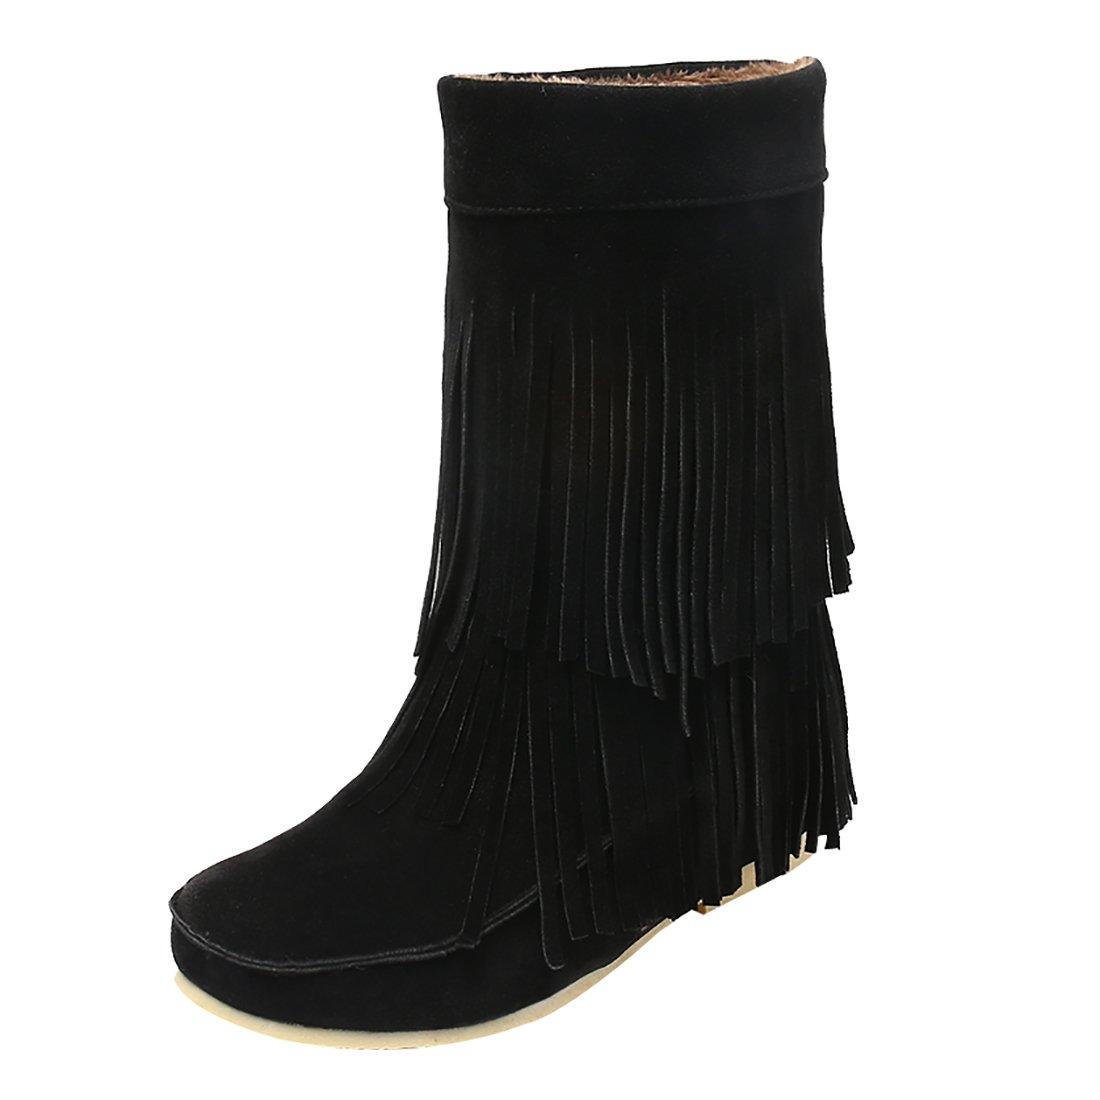 UH Compensees Chaussures B072RXH1Z3 Femmes Femmes Bottines Indiennes avec Frange à Talons Compensees avec Plateforme Bout Rond et Fouffures Douce et Chaud Noir d9eb686 - fast-weightloss-diet.space